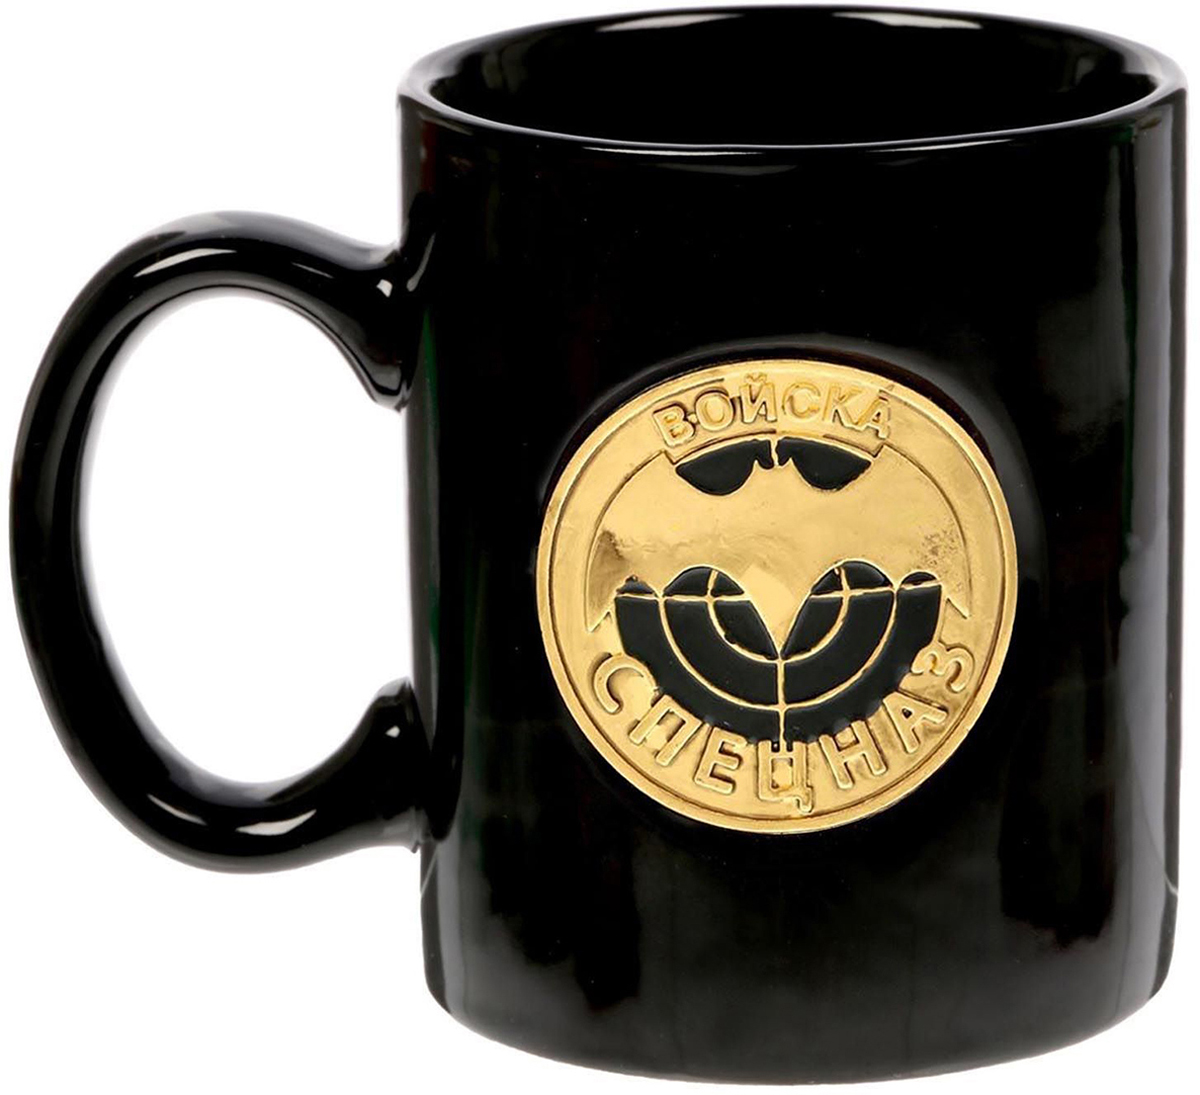 Кружка Sima-Land Спецназ, 300 мл. 15076871507687Разберись с жаждой по-мужски!Авторский дизайн, оригинальный декор, оптимальный объем - отличительные черты этой кружки. Налейте в нее горячий свежезаваренный кофе или крепкий ароматный чай, и каждый глоток будет сокрушительным ударом по врагам: сонливости, вялости и апатии!Изделие упаковано в подарочную картонную коробку.